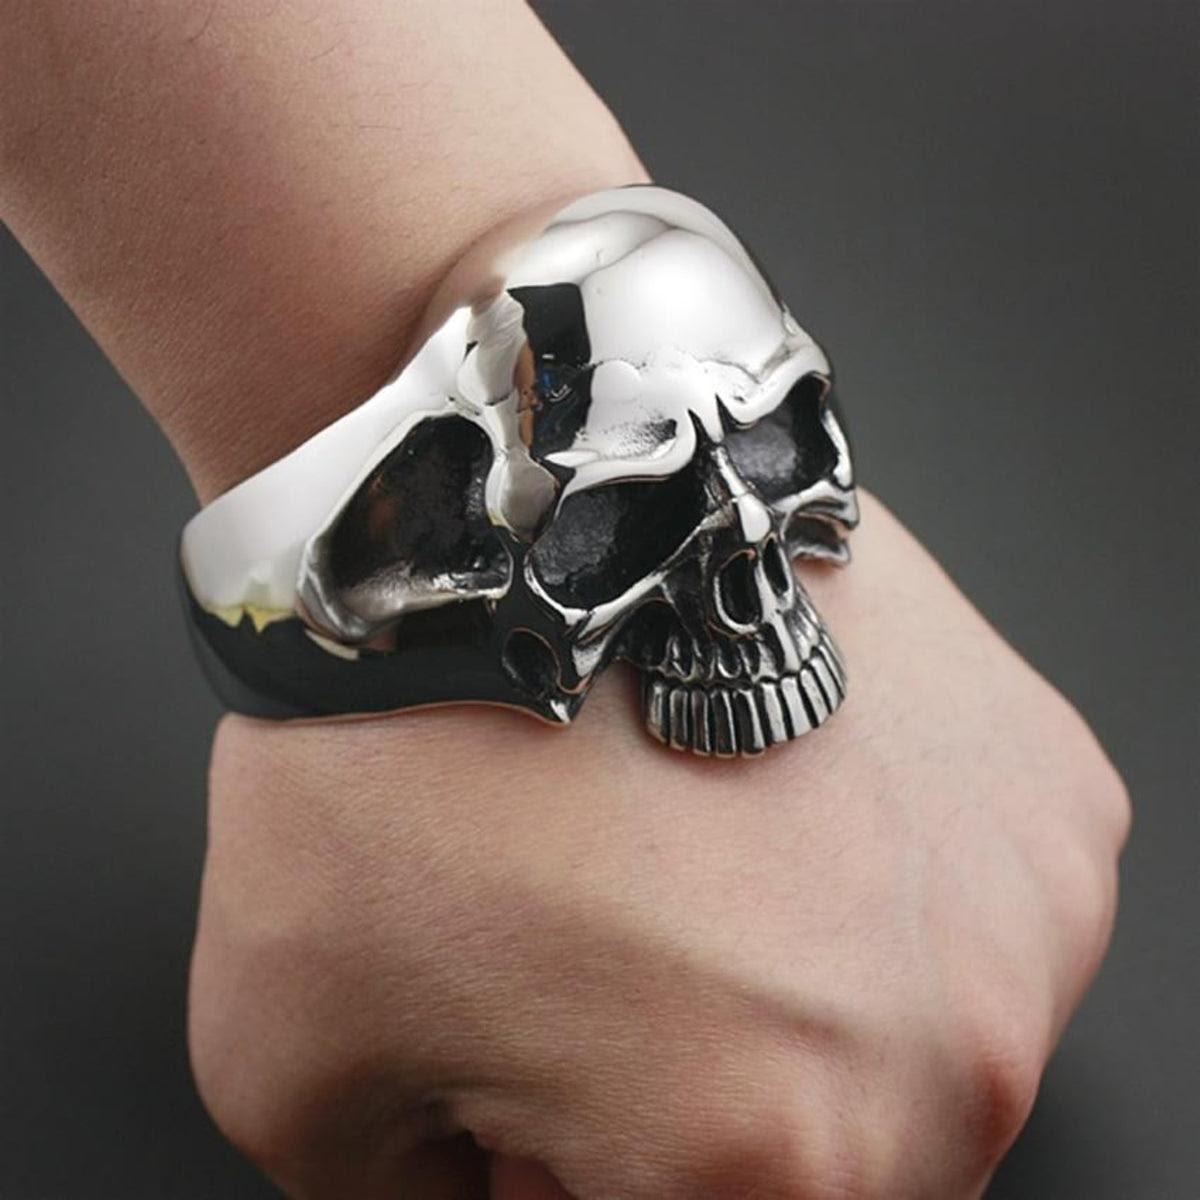 Skulls up черепа вверх игровой автомат ставка доходности онлайн